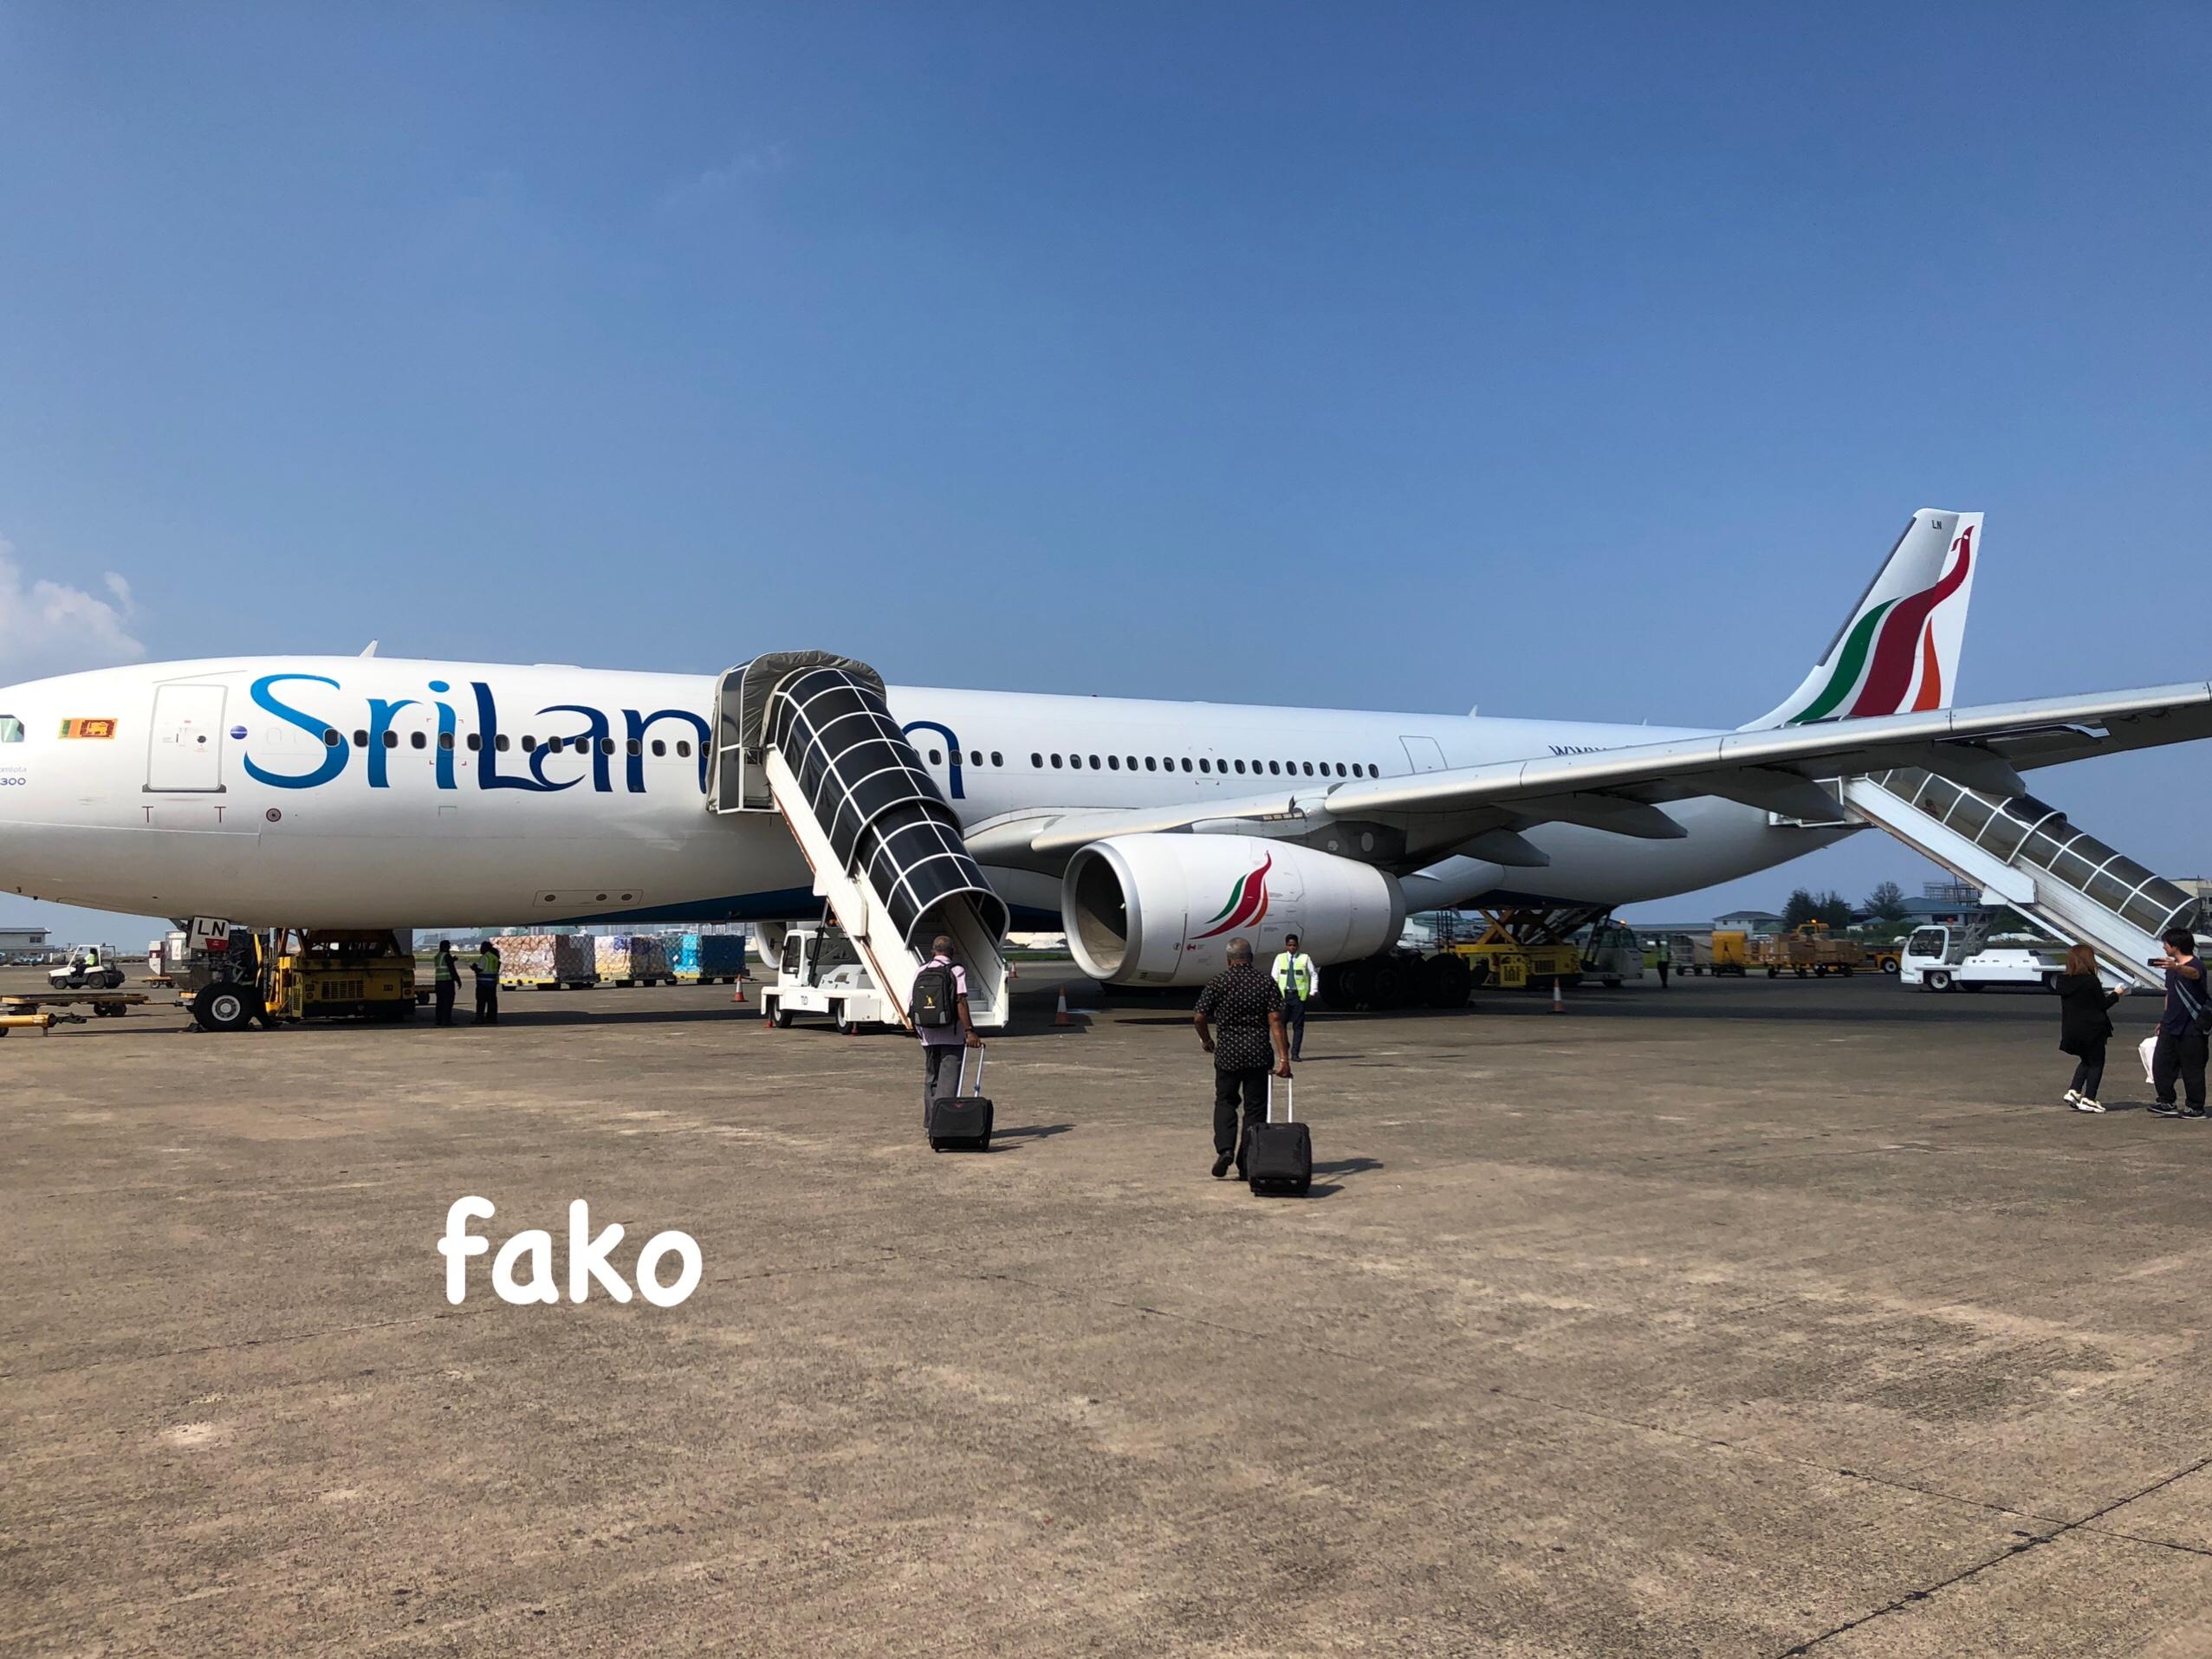 遅延や機内設備は?】モルディブハネムーンのスリランカ航空搭乗レポ ...